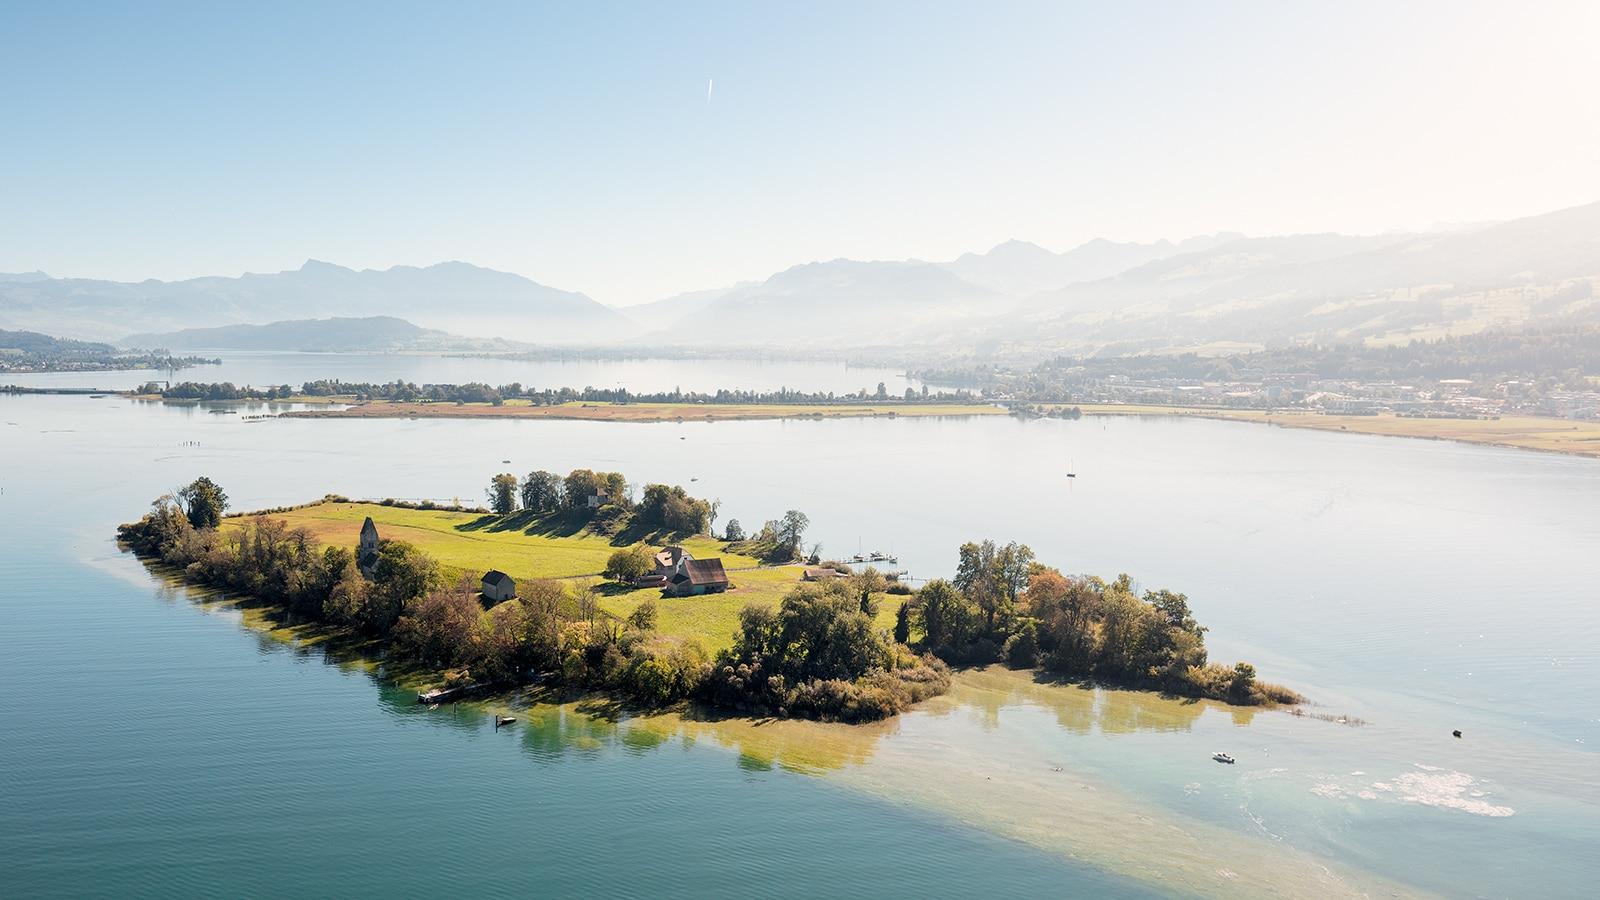 Luftaufnahme mit Helikopter: Blick auf Ufenau, Zürichsee, Obersee, Damm, Pfäffikon, Lachen, Glarneralpen, Federispitz, Speer